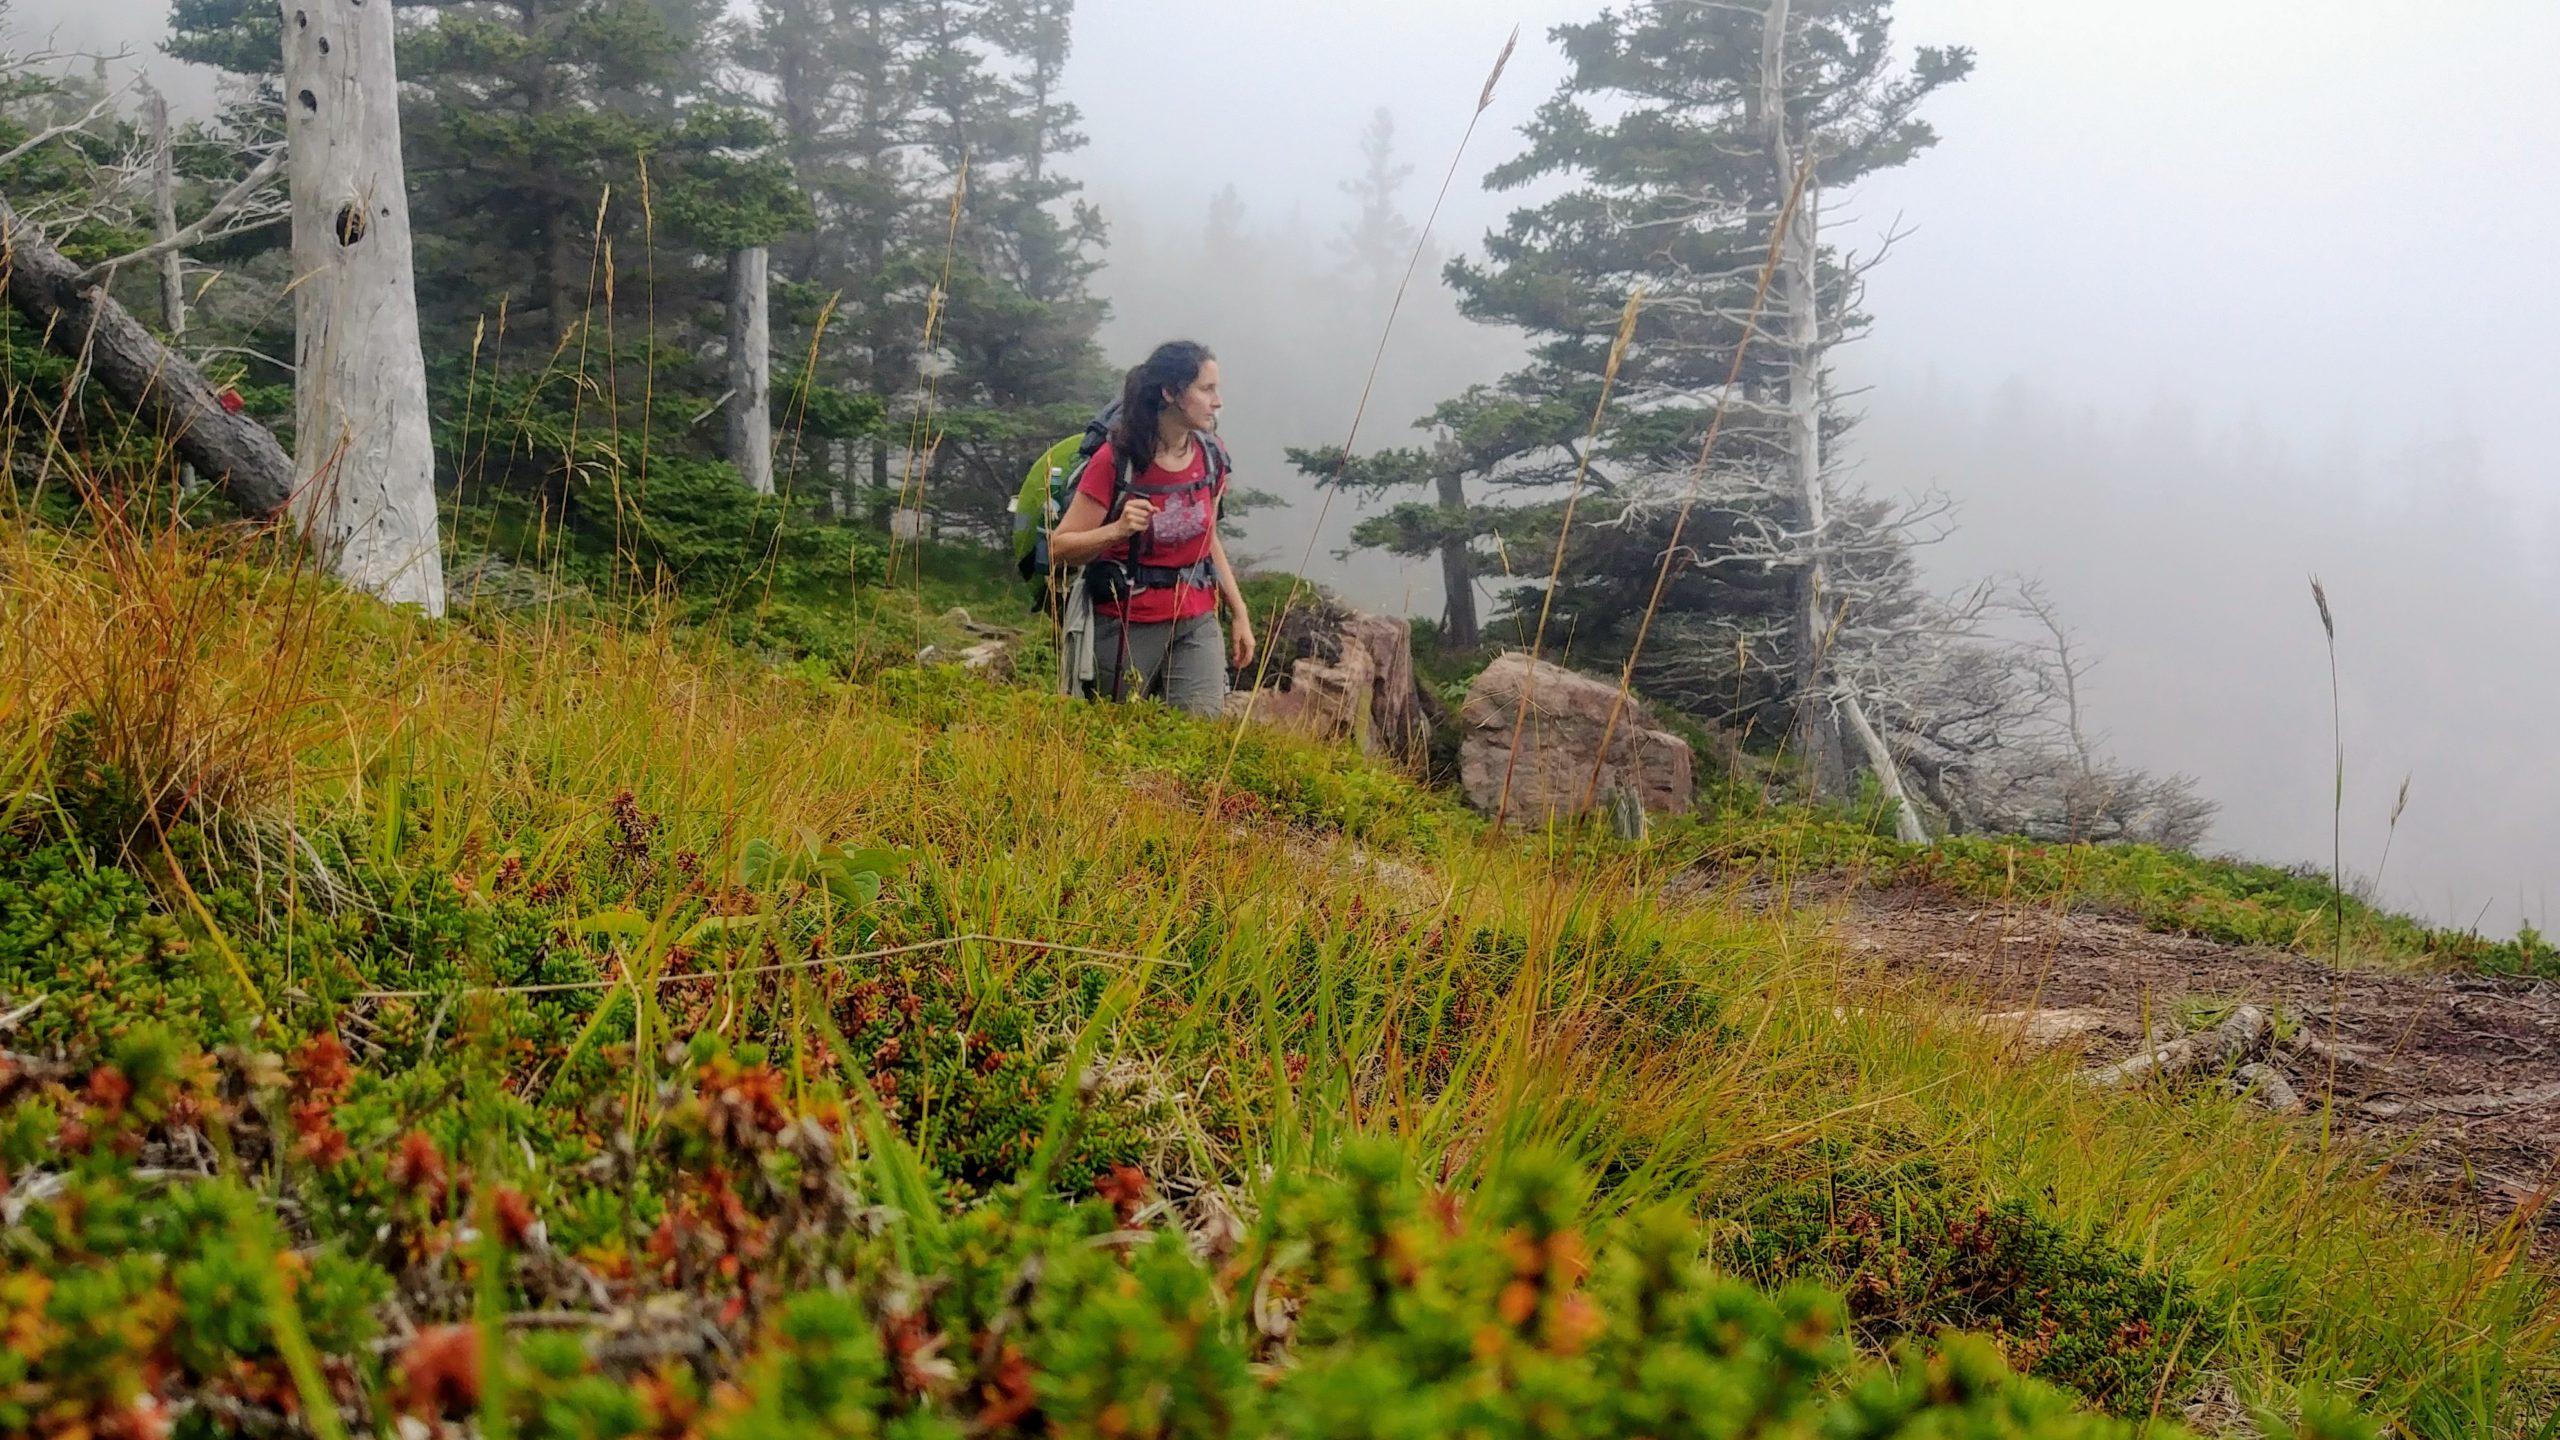 3-Cap Chignecto randonnée solo femme